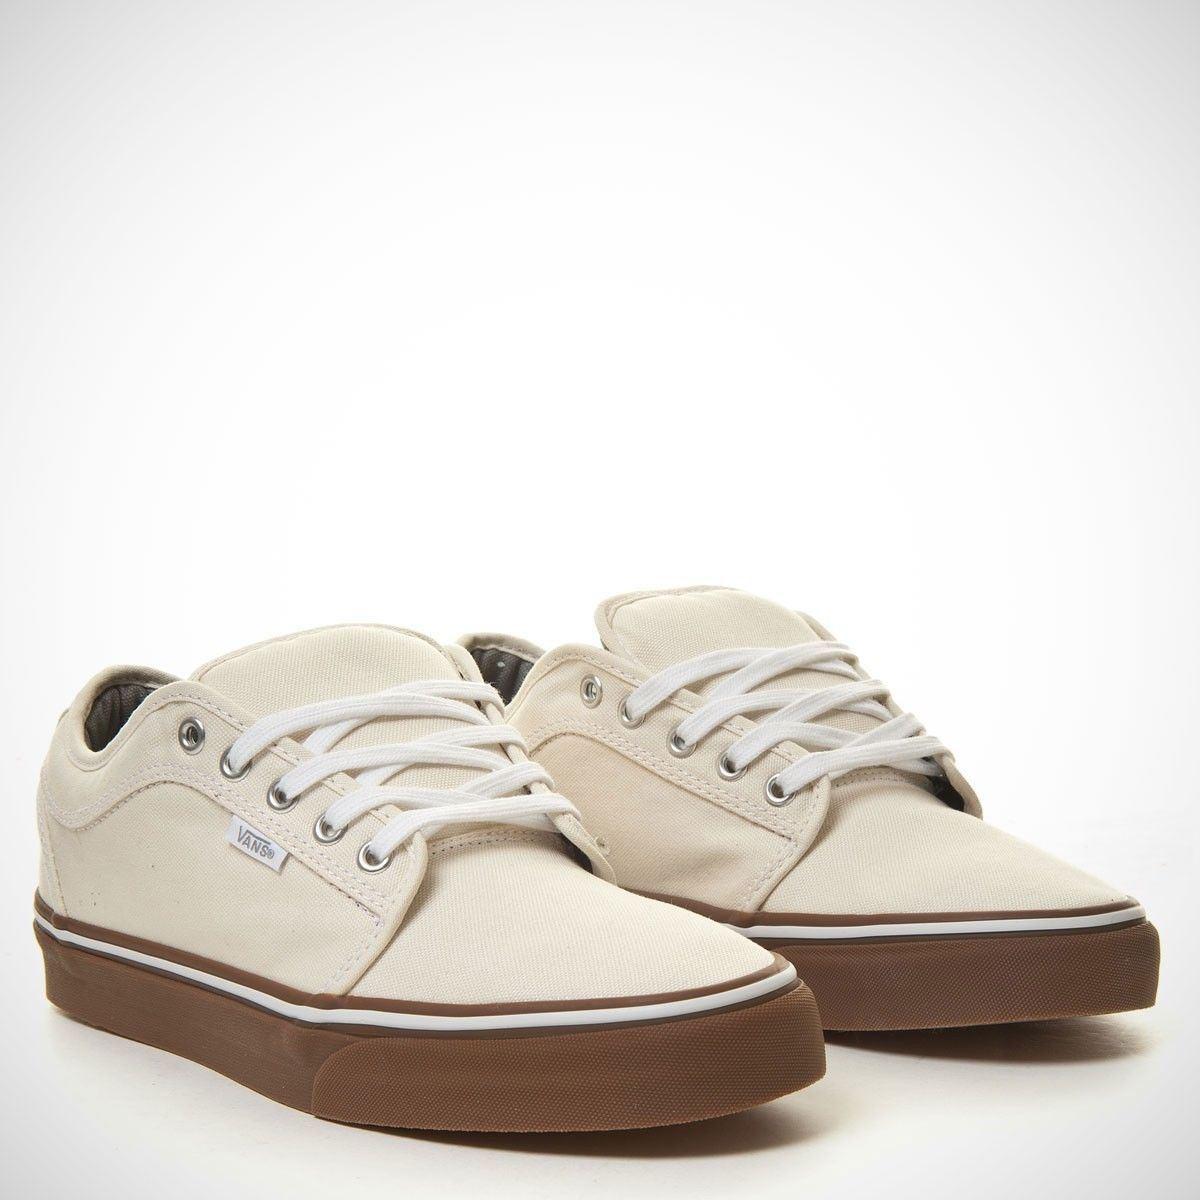 VANS Chukka Low White/Gum UltraCush Pro Skate Shoes MEN'S 7 WOMEN'S 8.5 image 2